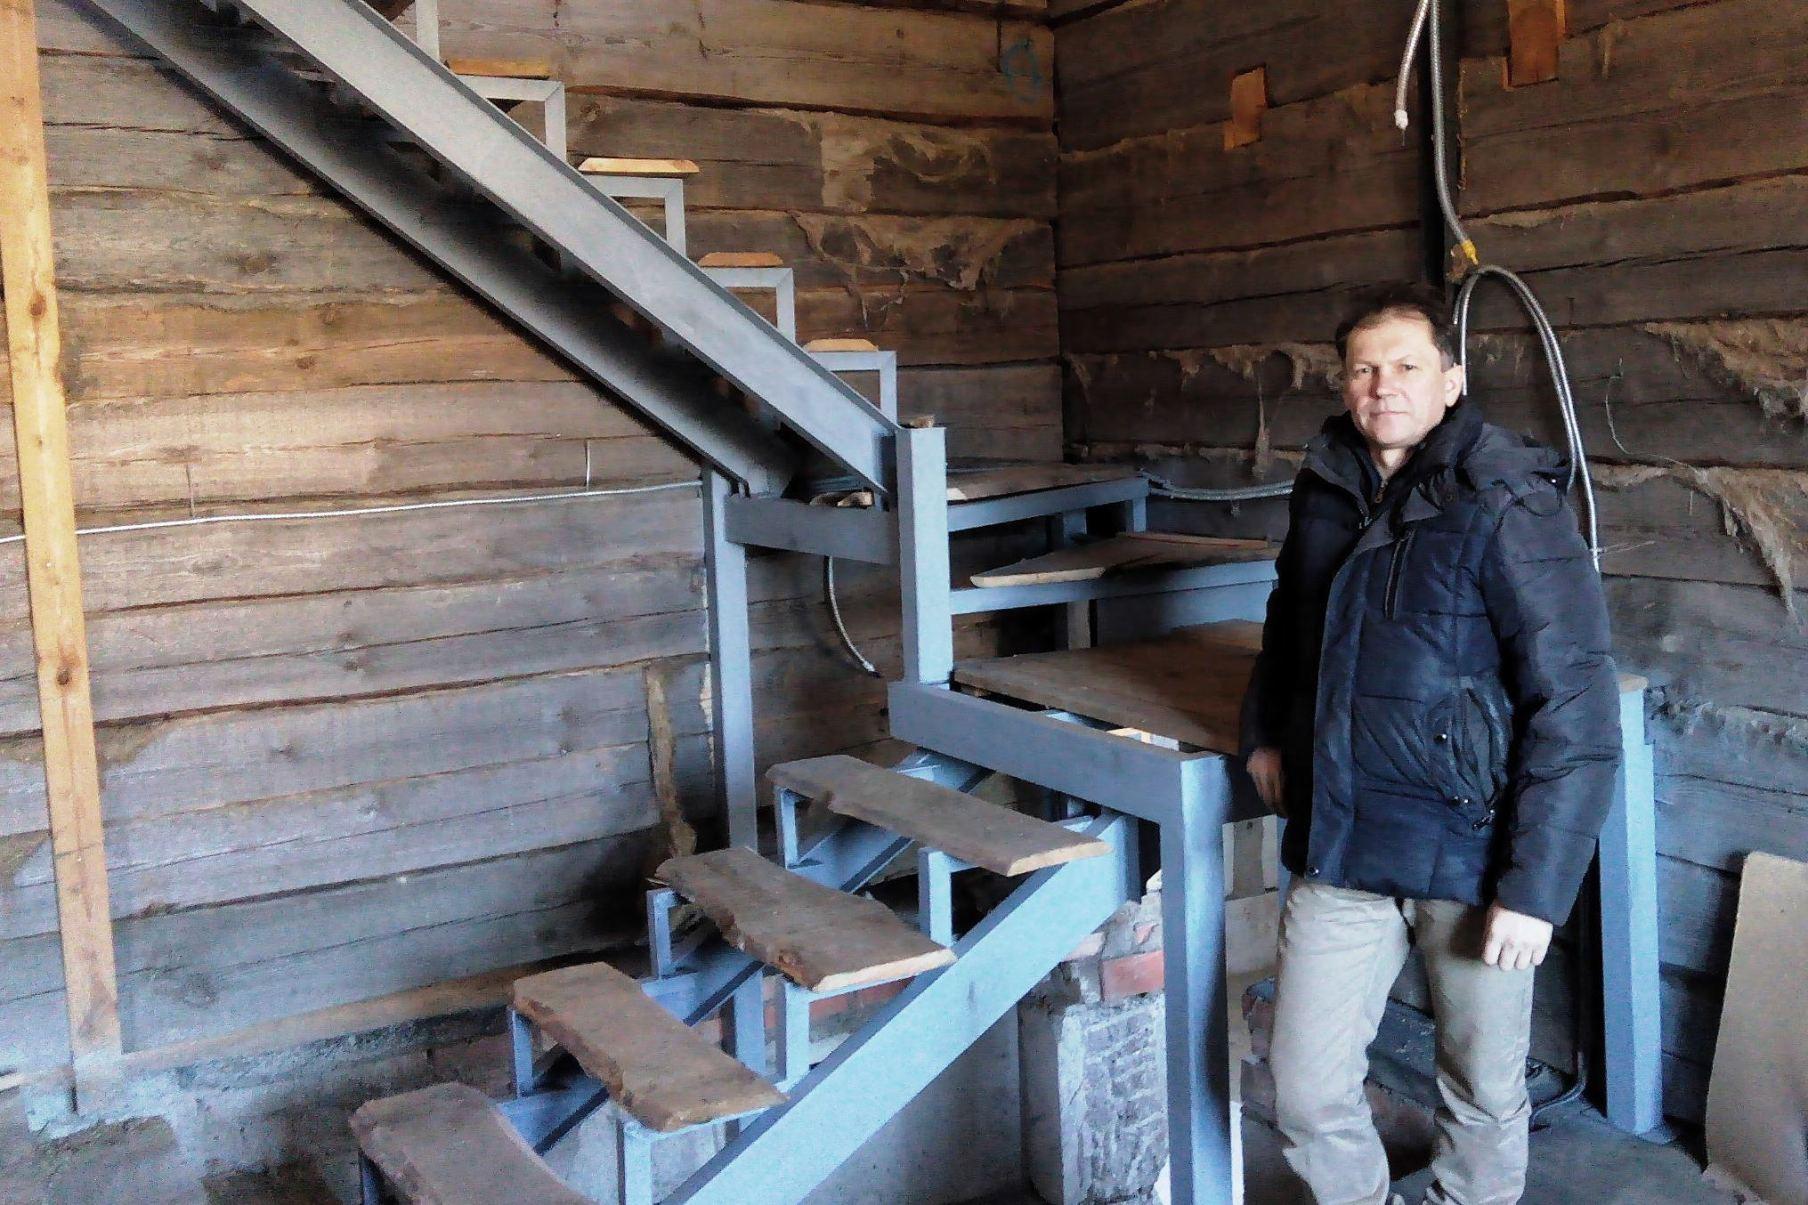 Звукоизоляция деревянных перекрытий в доме  шумоизоляция